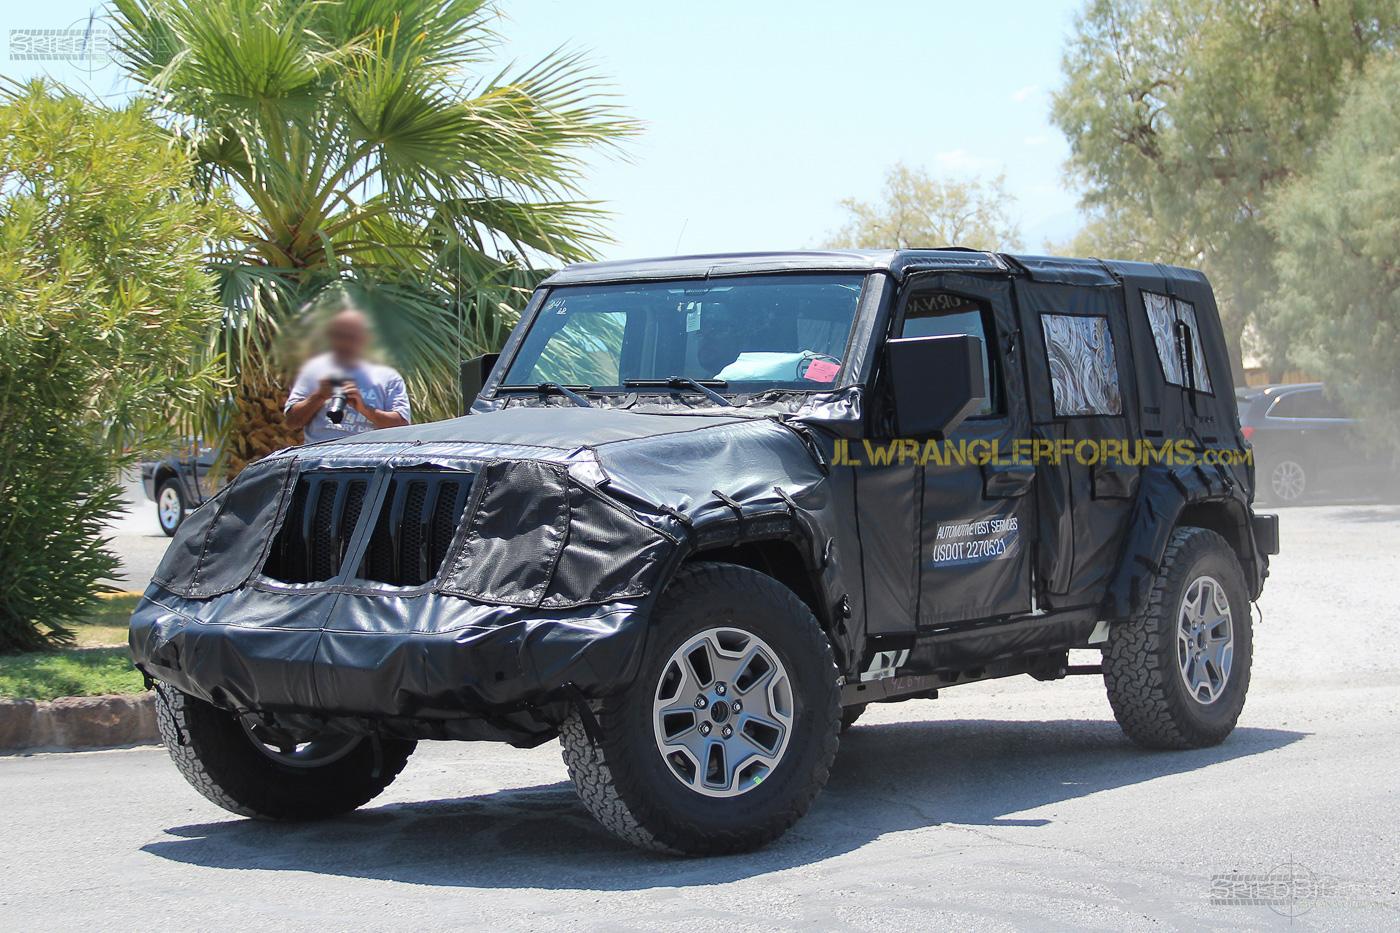 2018 jl jeep wrangler aluminum body parts revealed. Black Bedroom Furniture Sets. Home Design Ideas